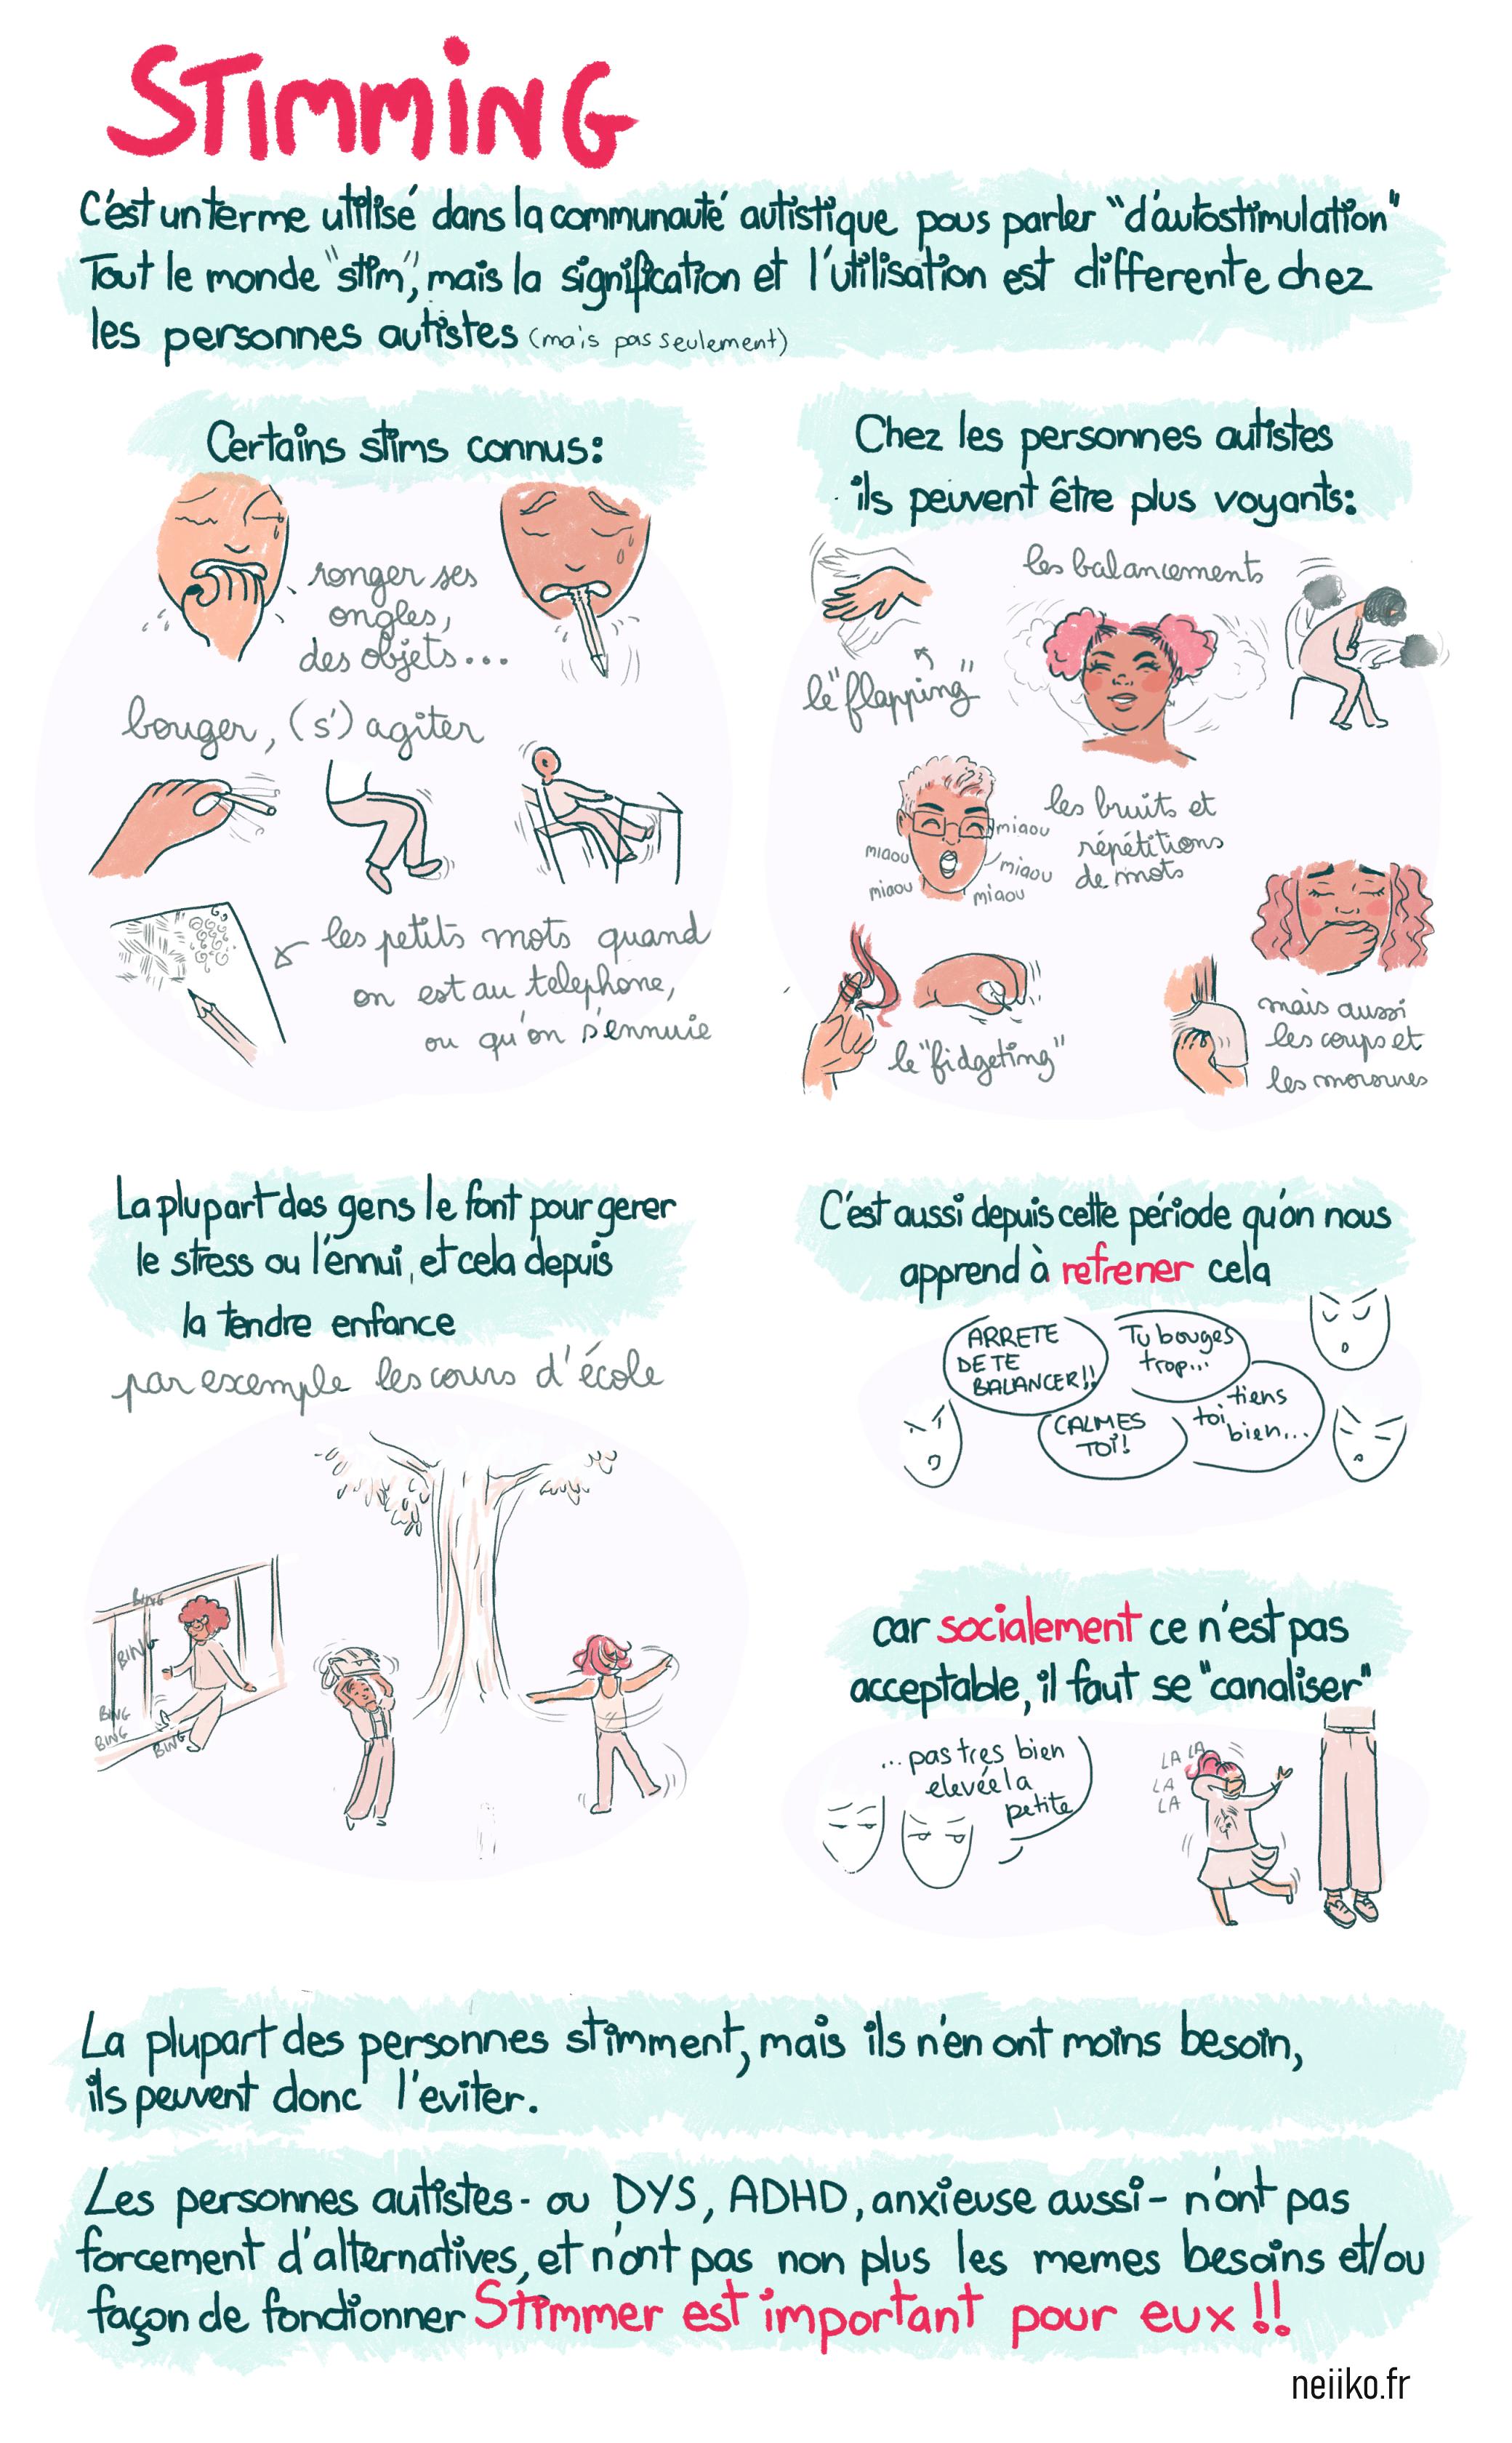 Une BD sur l'autostimulation (stimming) chez les personnes autistes. Leurs fonctions et importances.